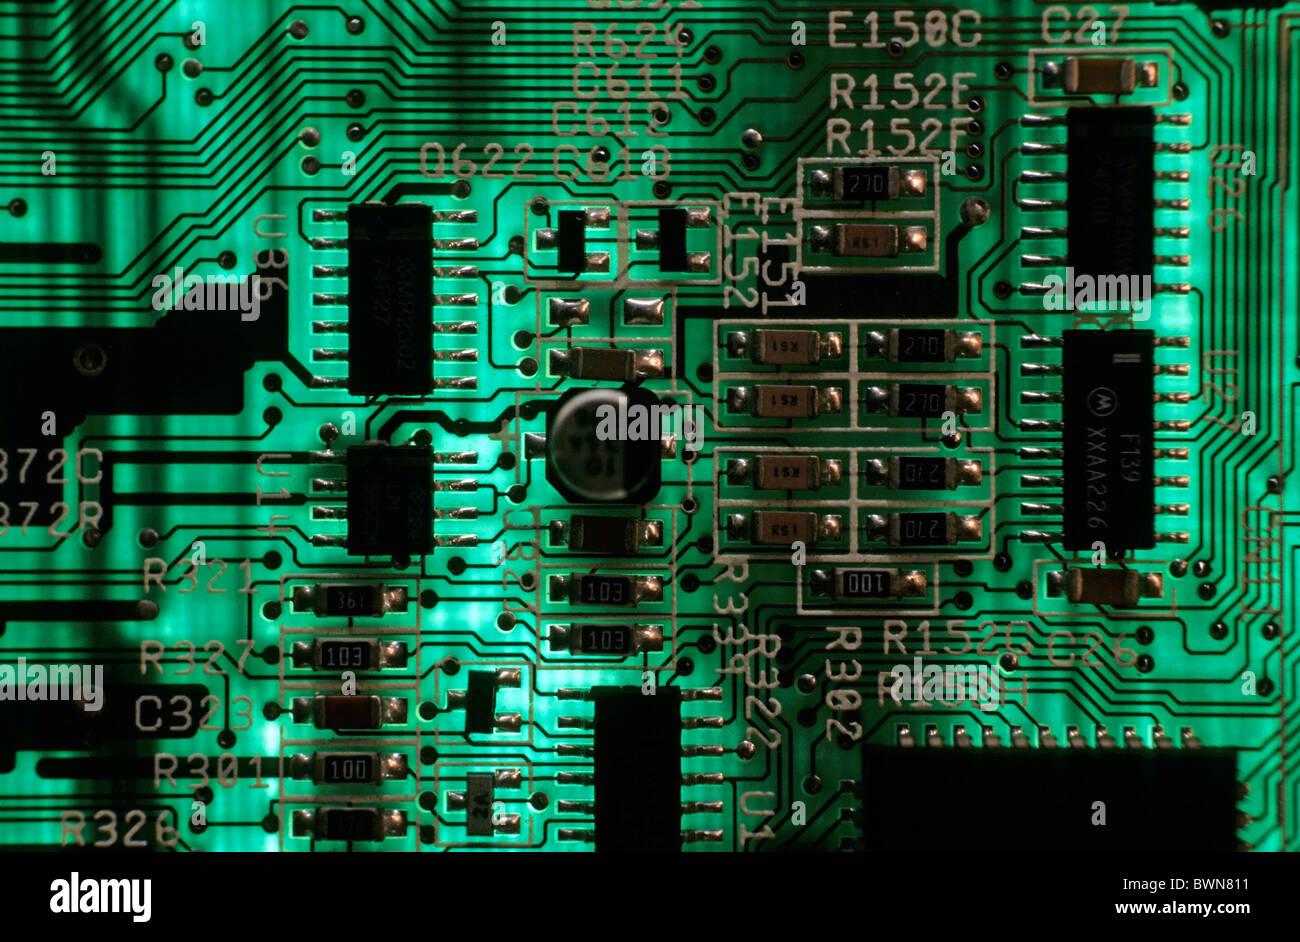 Scheda a circuito integrato da un computer. Immagini Stock